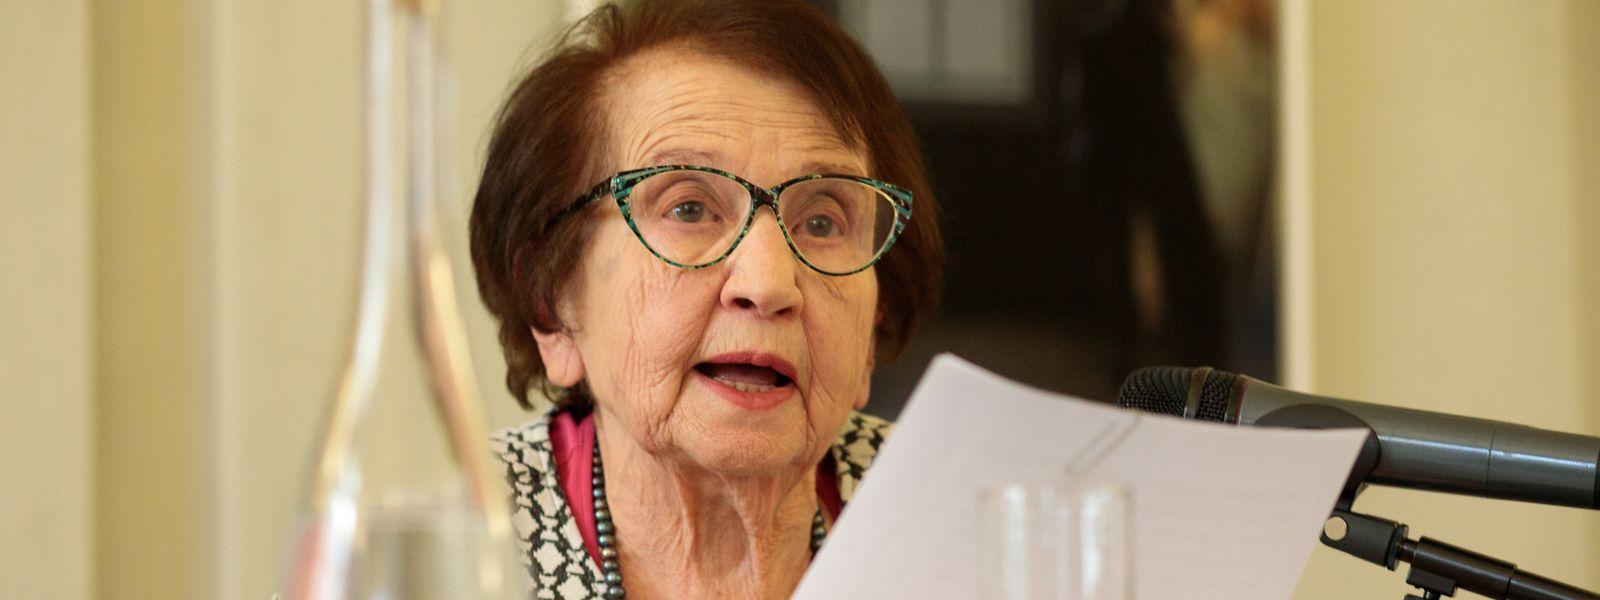 Dina Schweizer erzählt von ihrer Kindheit während des Zweiten Weltkriegs.